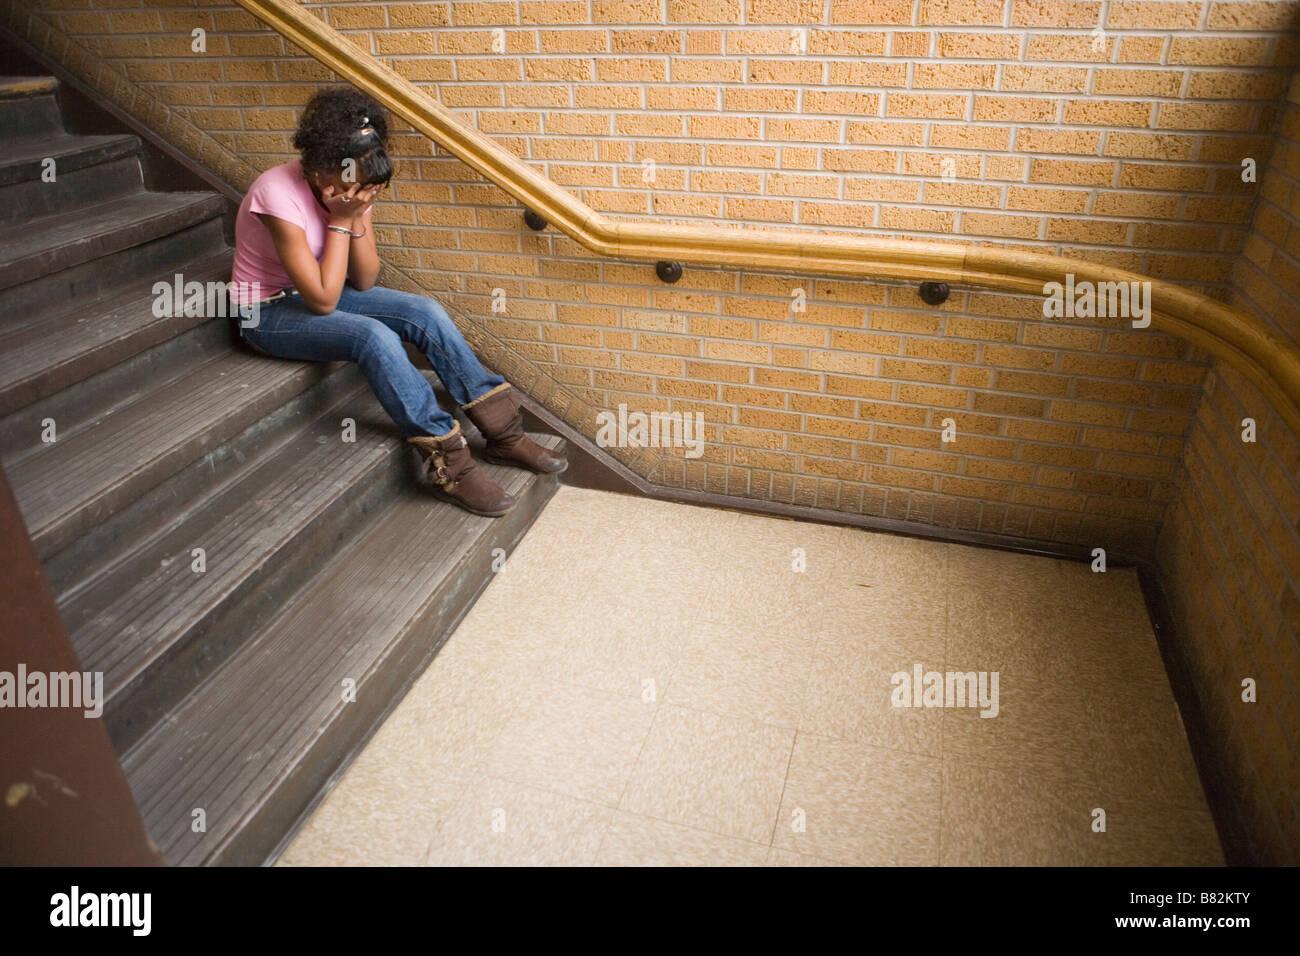 Los adolescentes afroamericanos chica llorando en las escaleras de la escuela, sentados en el paso Imagen De Stock